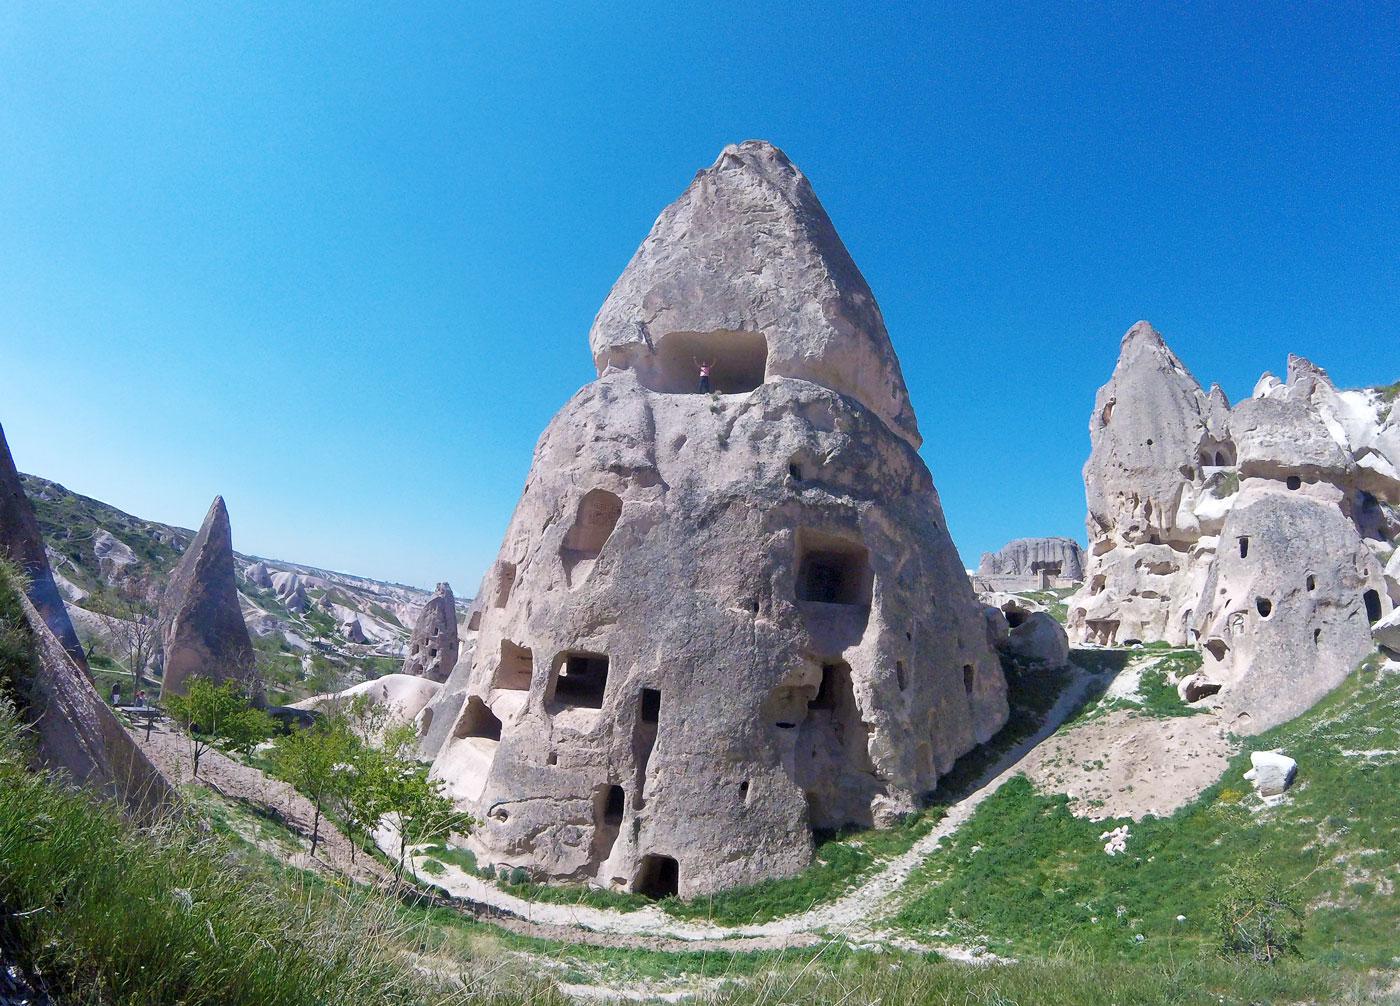 La Turquie à vélo, Arthur dans une cheminée de fée à Uçhisar. Cycling Turquey, Arthur in a fairy chimney at Uçhisar.